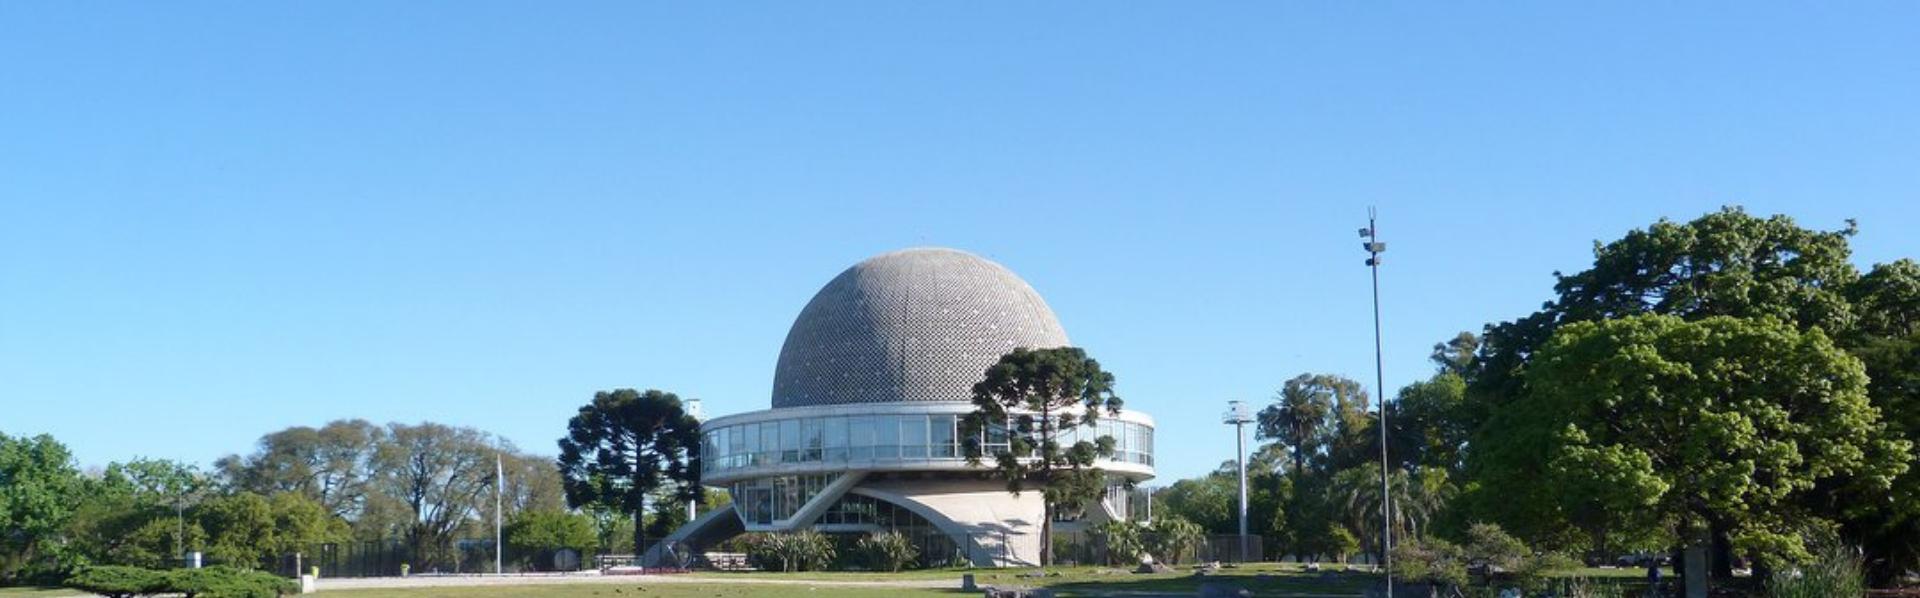 Planetario en INNOVA